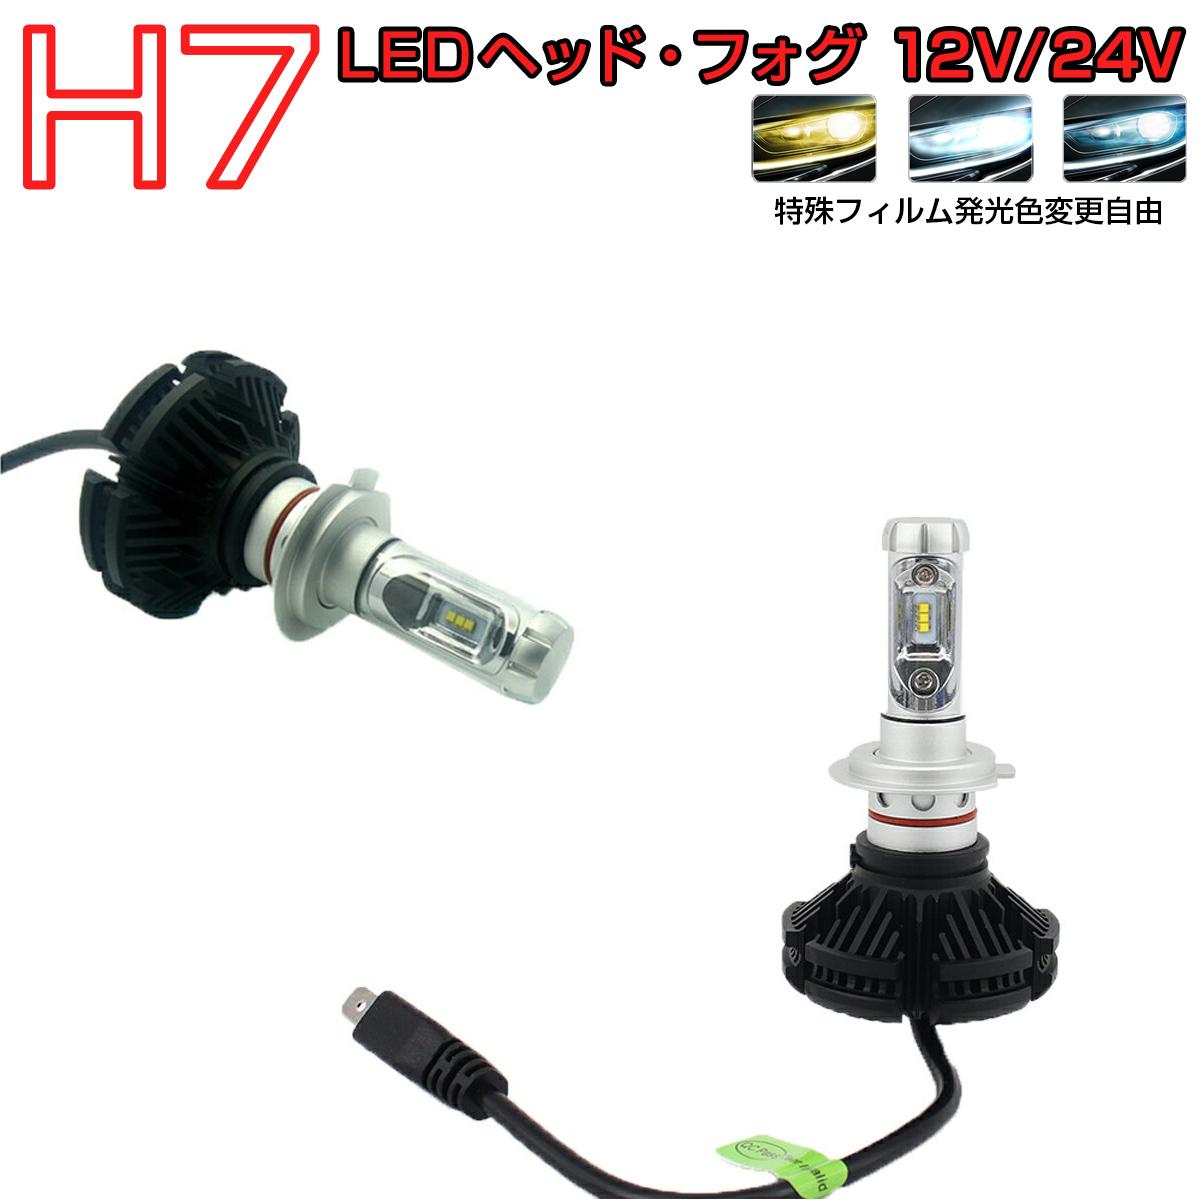 KAWASAKI Ninja400R 2011-2013 ER400B ヘッドライト(LO)[H7] LED H7 2個入り 12V 24V  1年保証:プロステーション